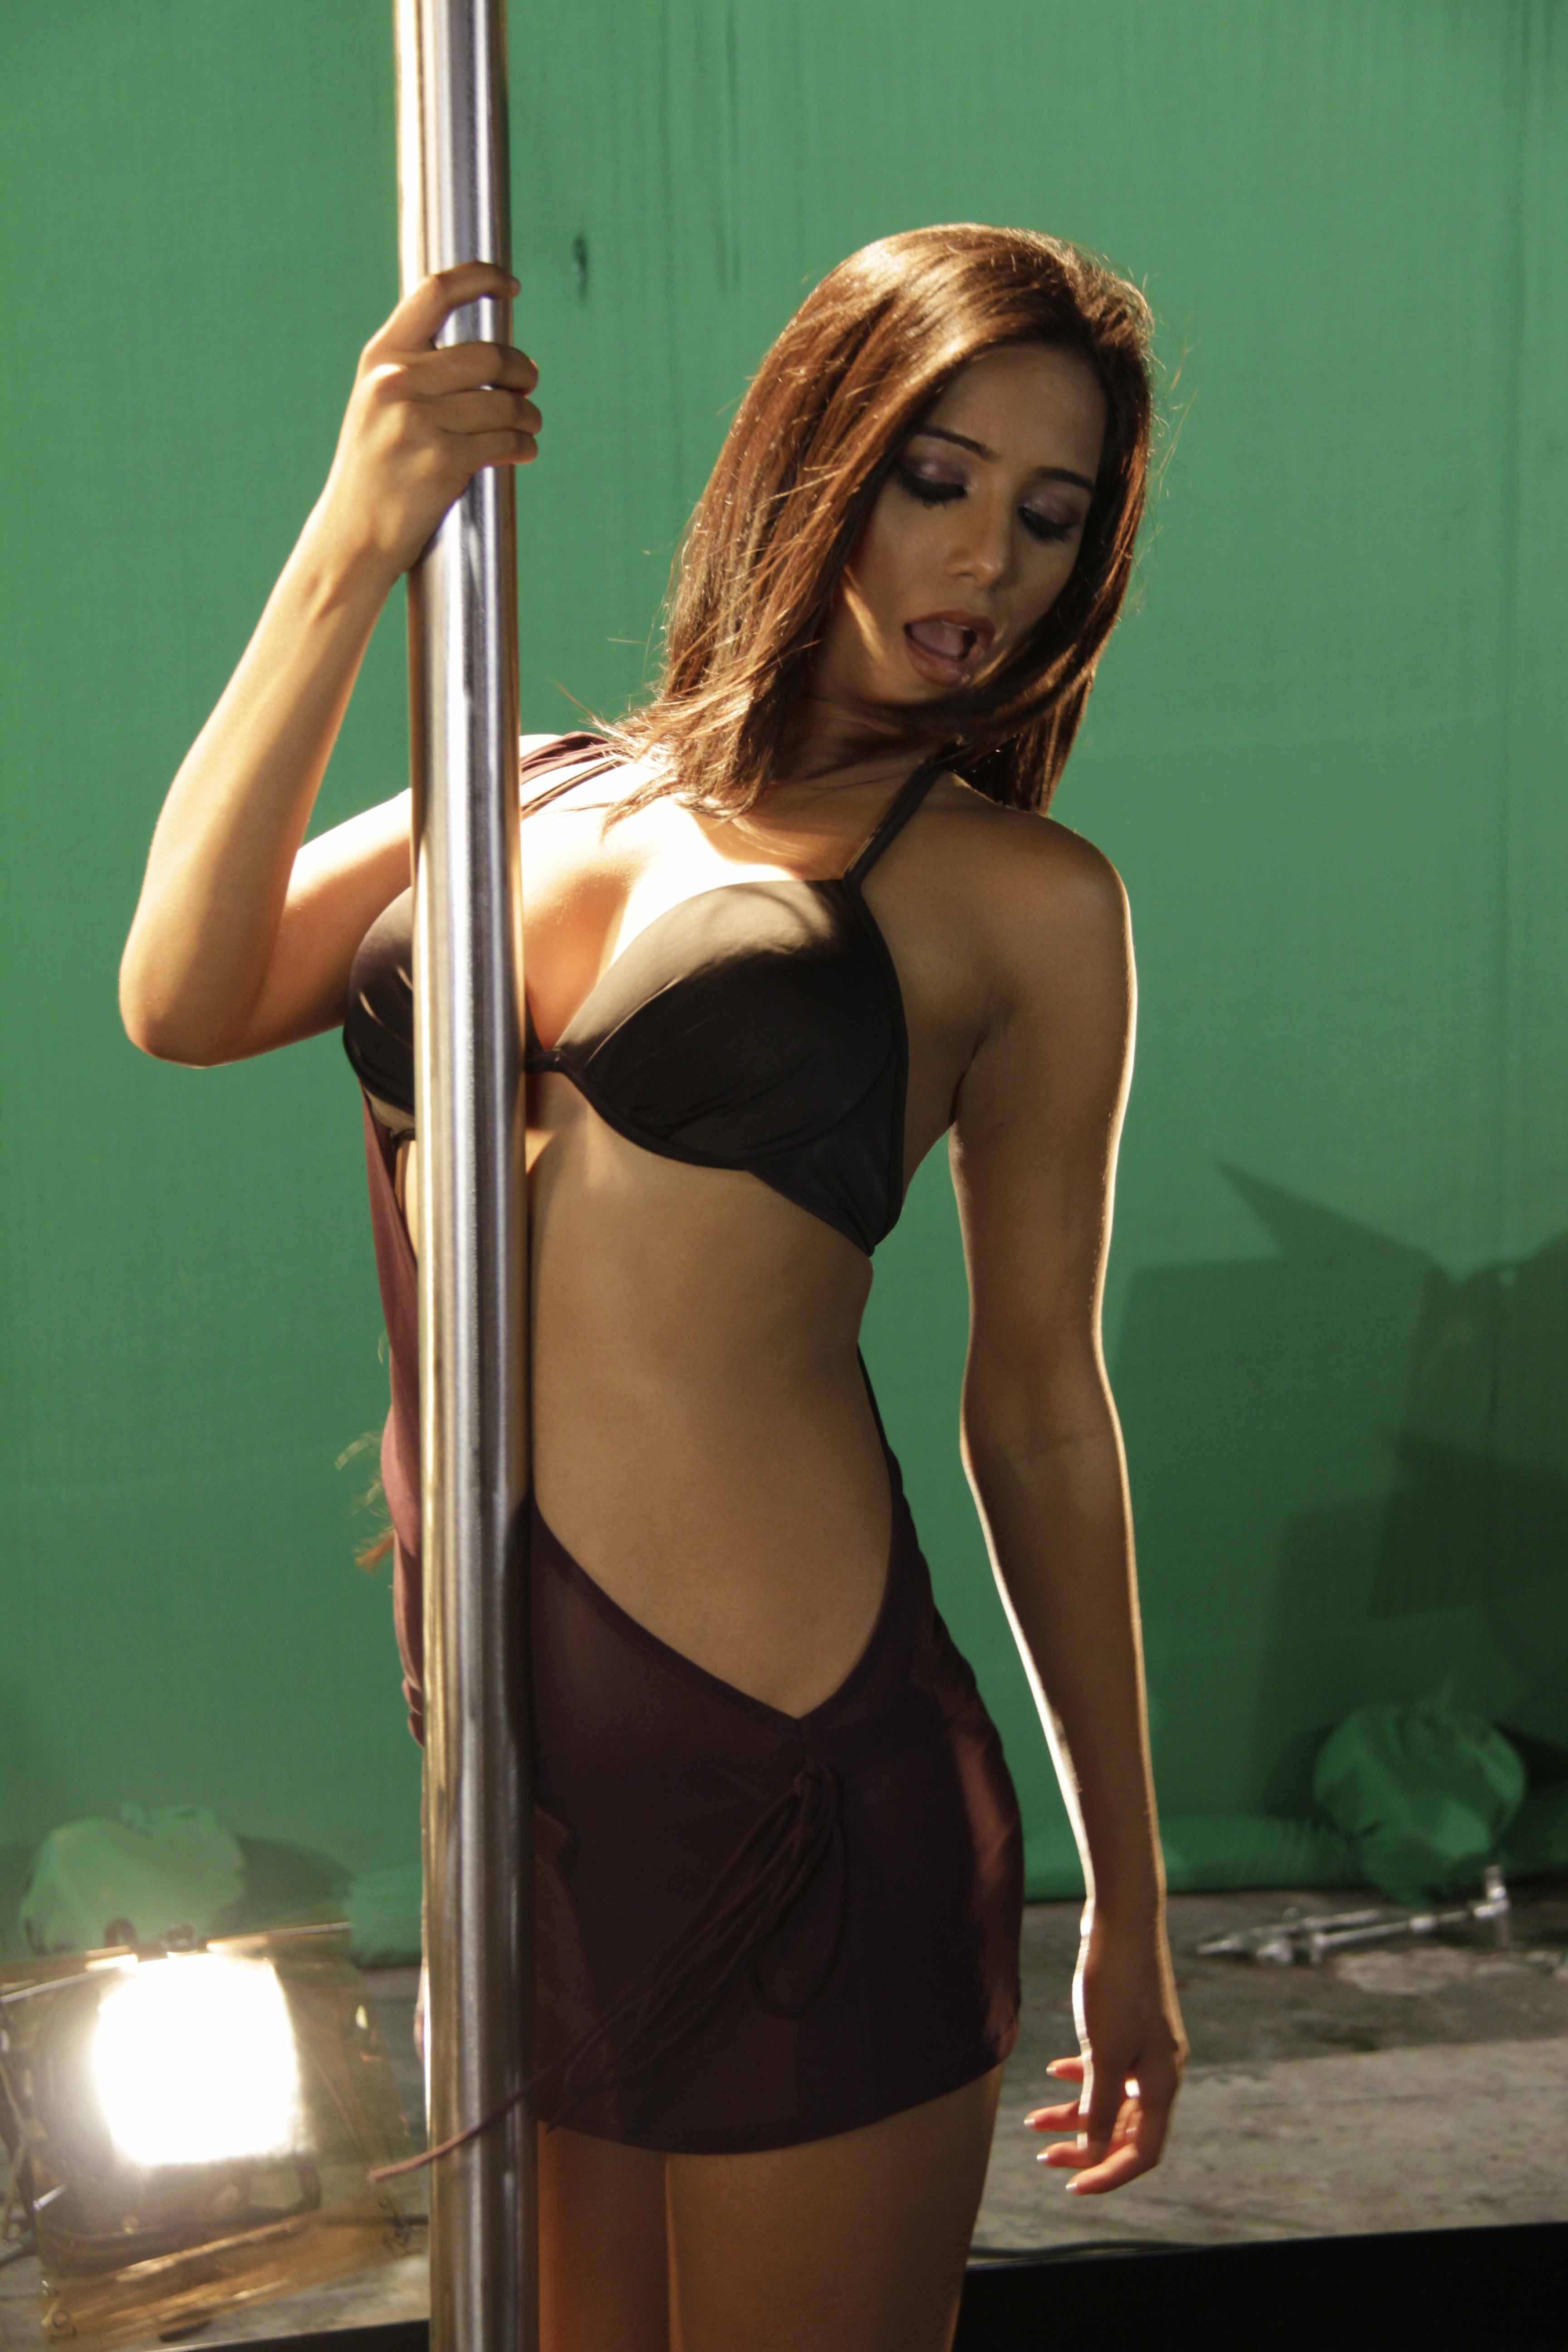 Poonam pandey new nude pics